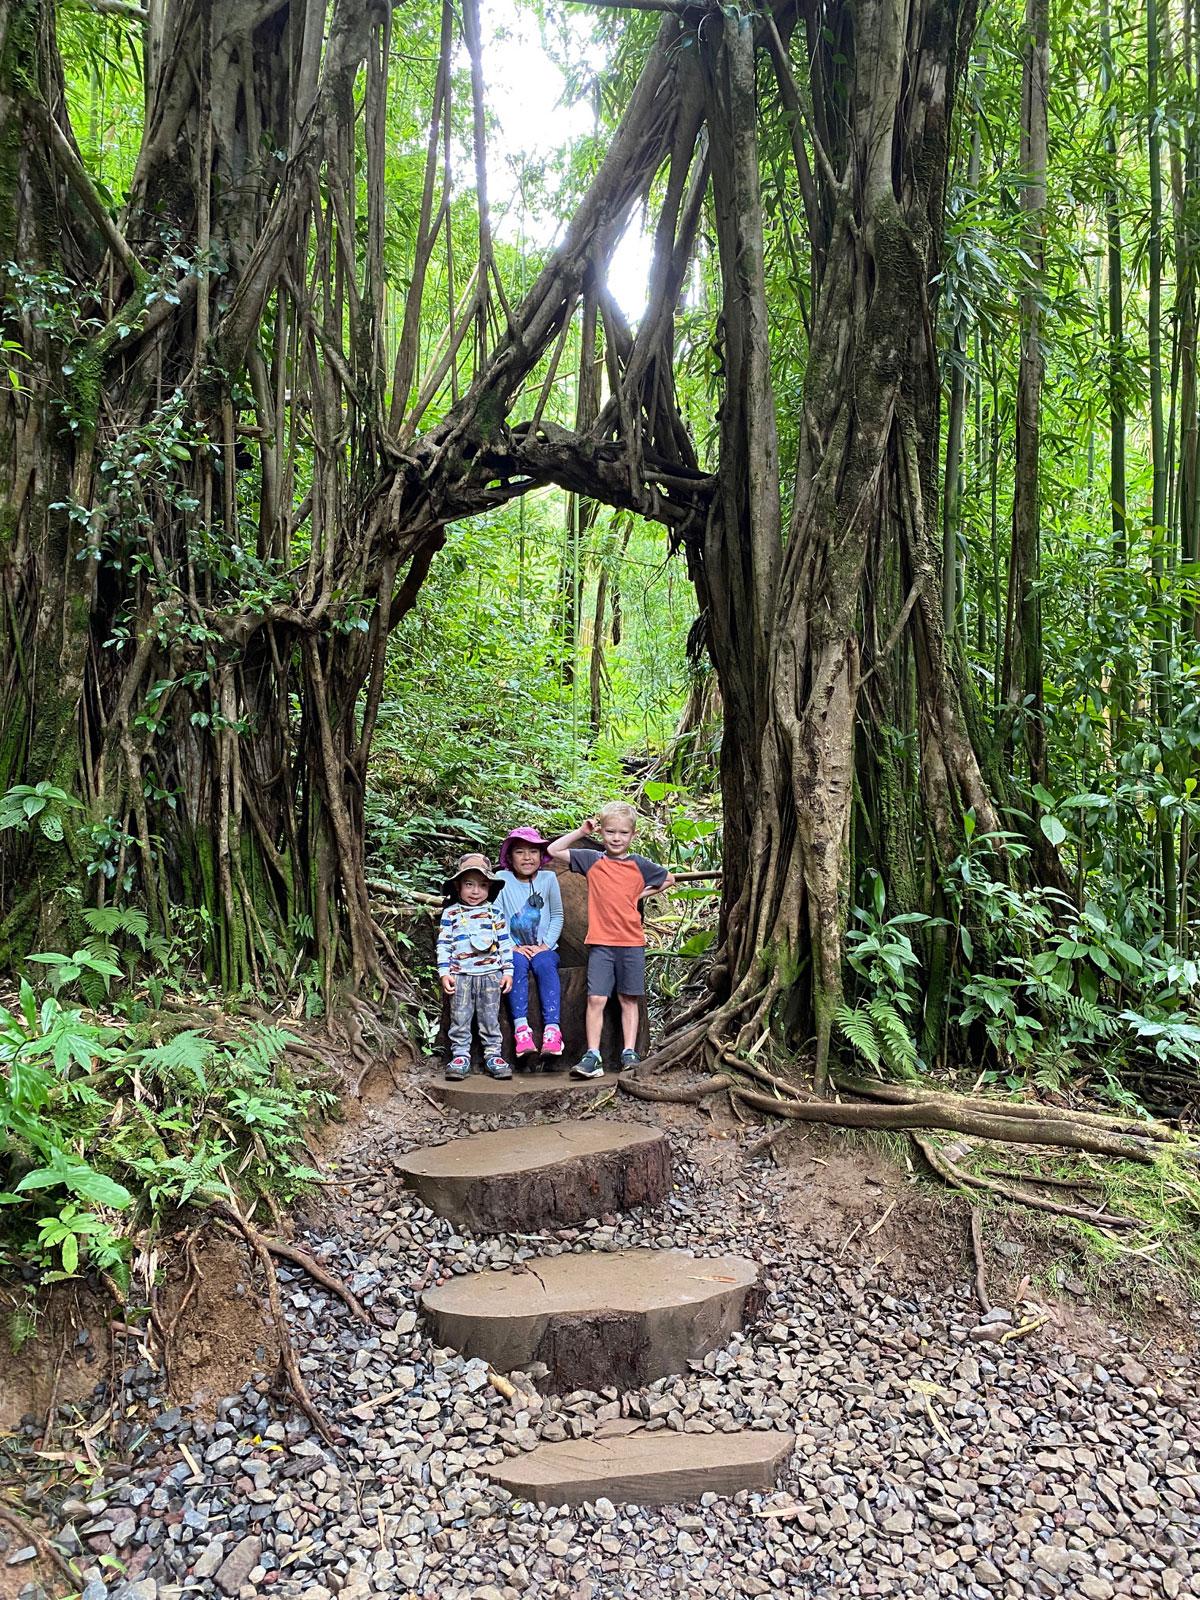 Manoa Falls Trail Tree Frame Photo Laura Dornbush